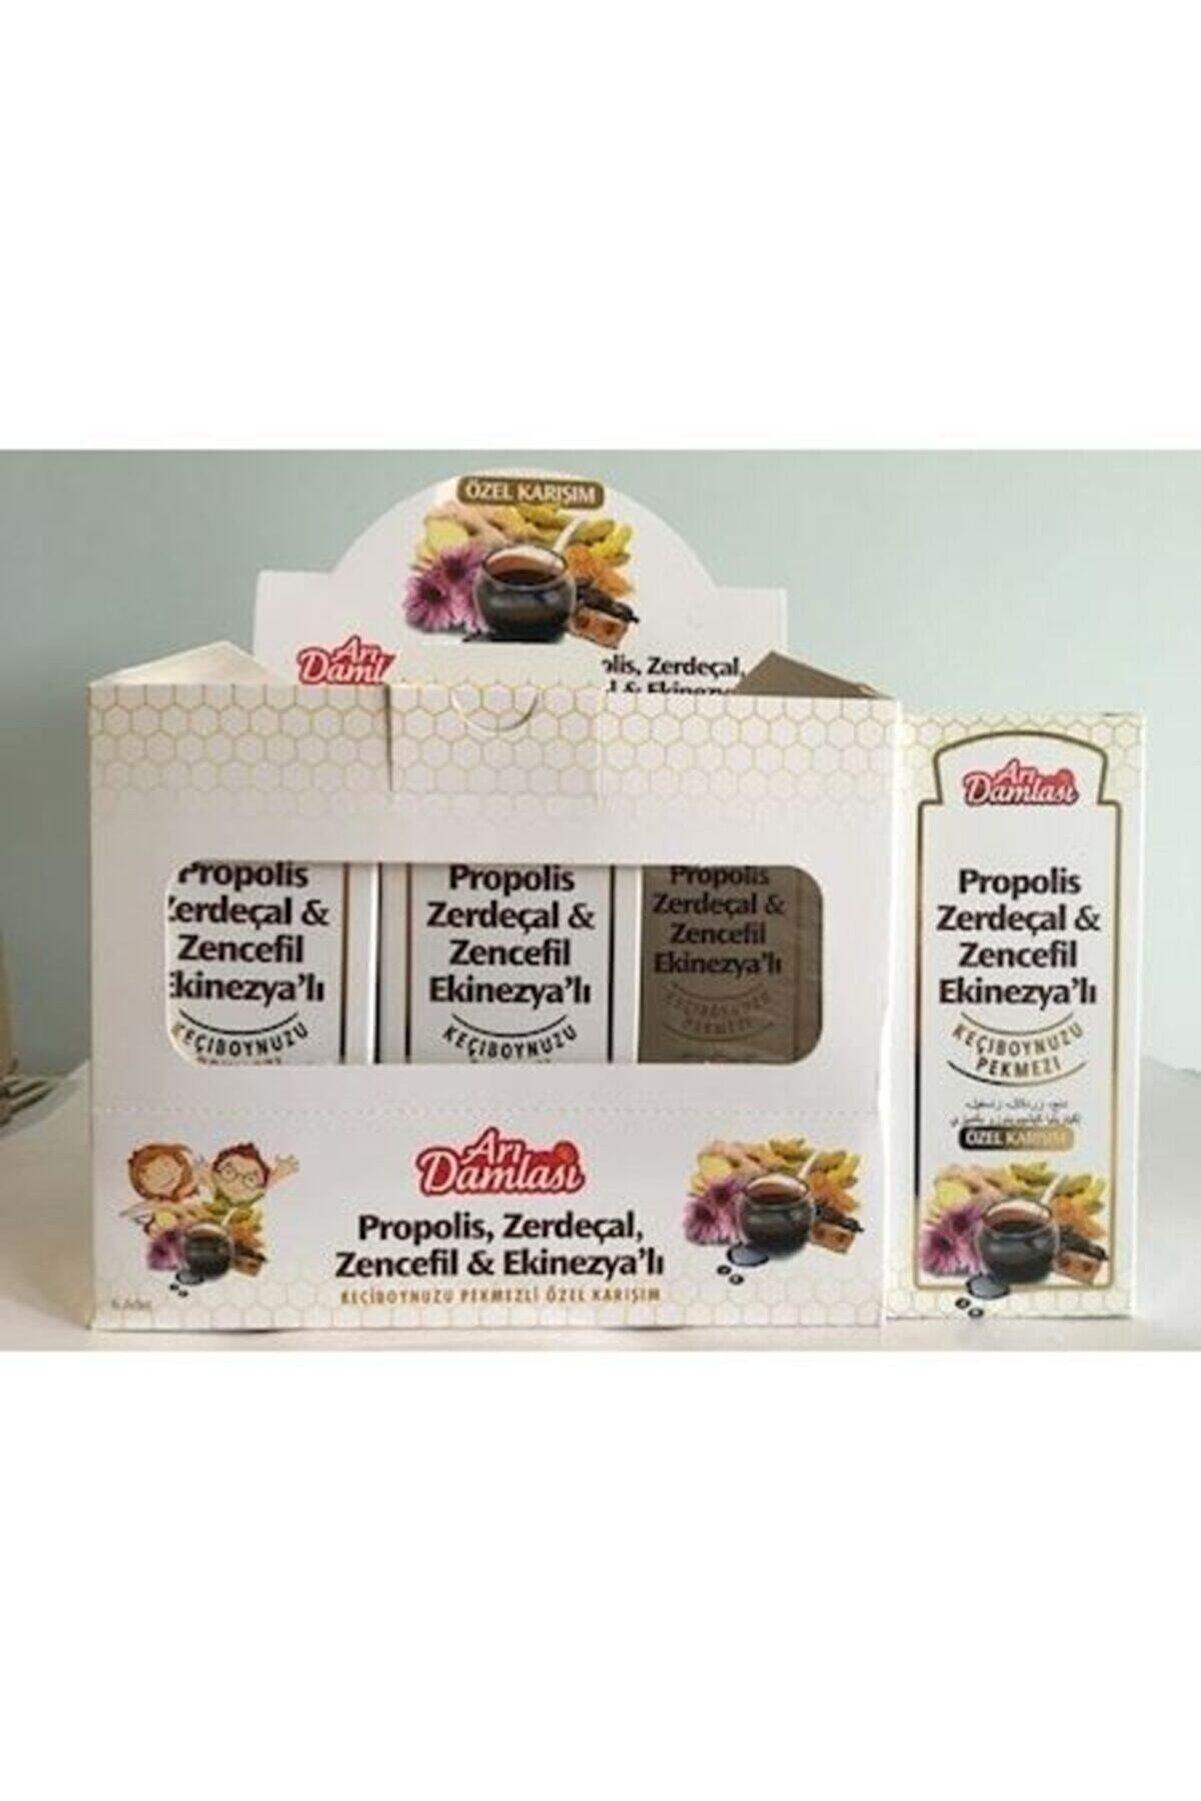 Arı damlası Propolis Zerdeçal Zencefil Ekinezyalı (Çocuk) 250 ml